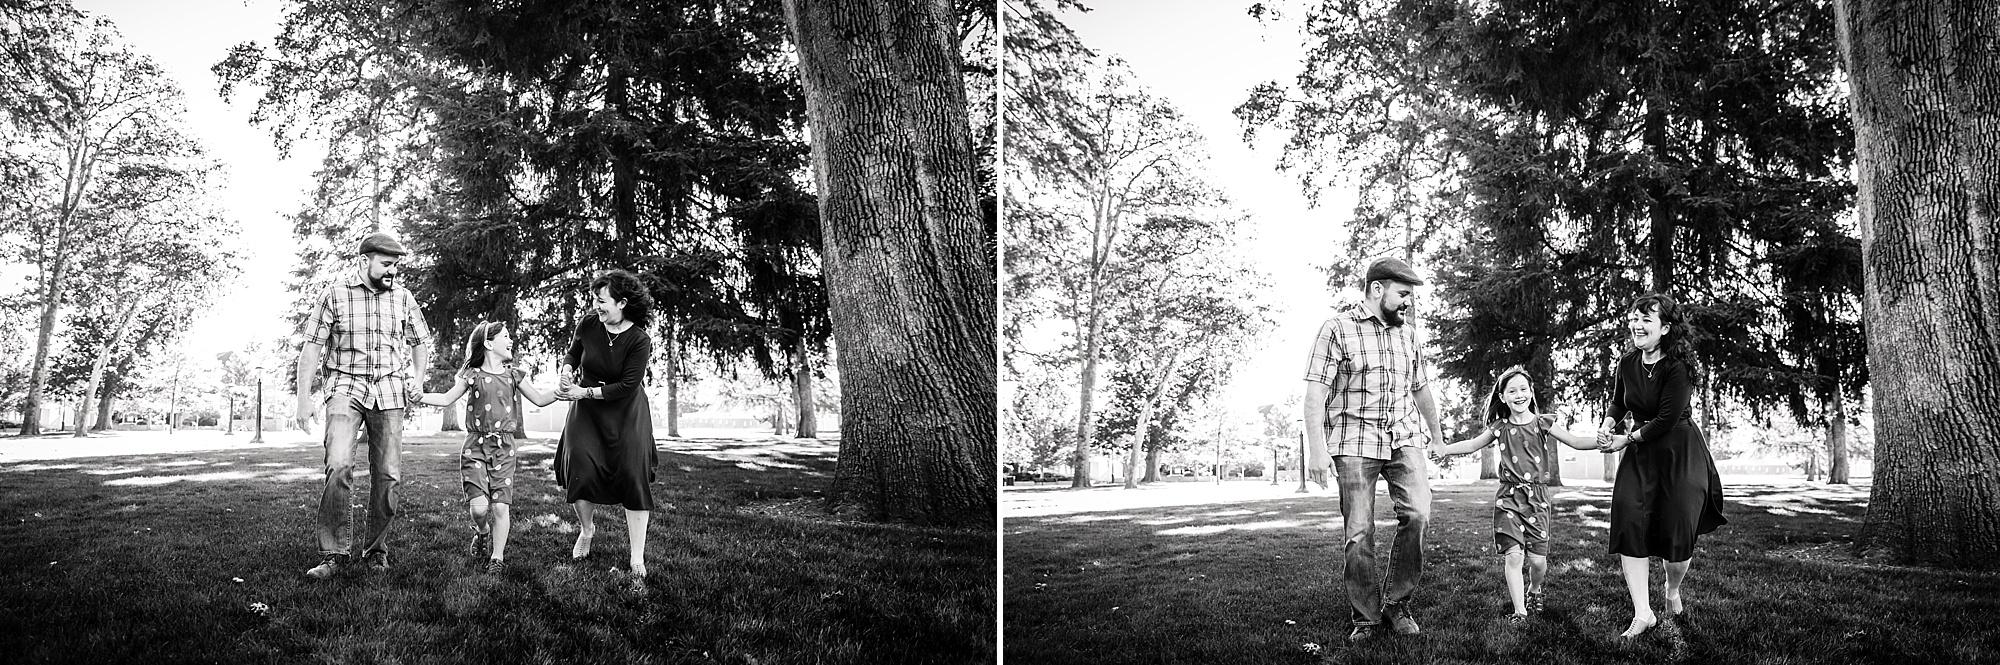 Forest_Grove_Oregon_Family_Photos_Hunnicutt_Photography_0007